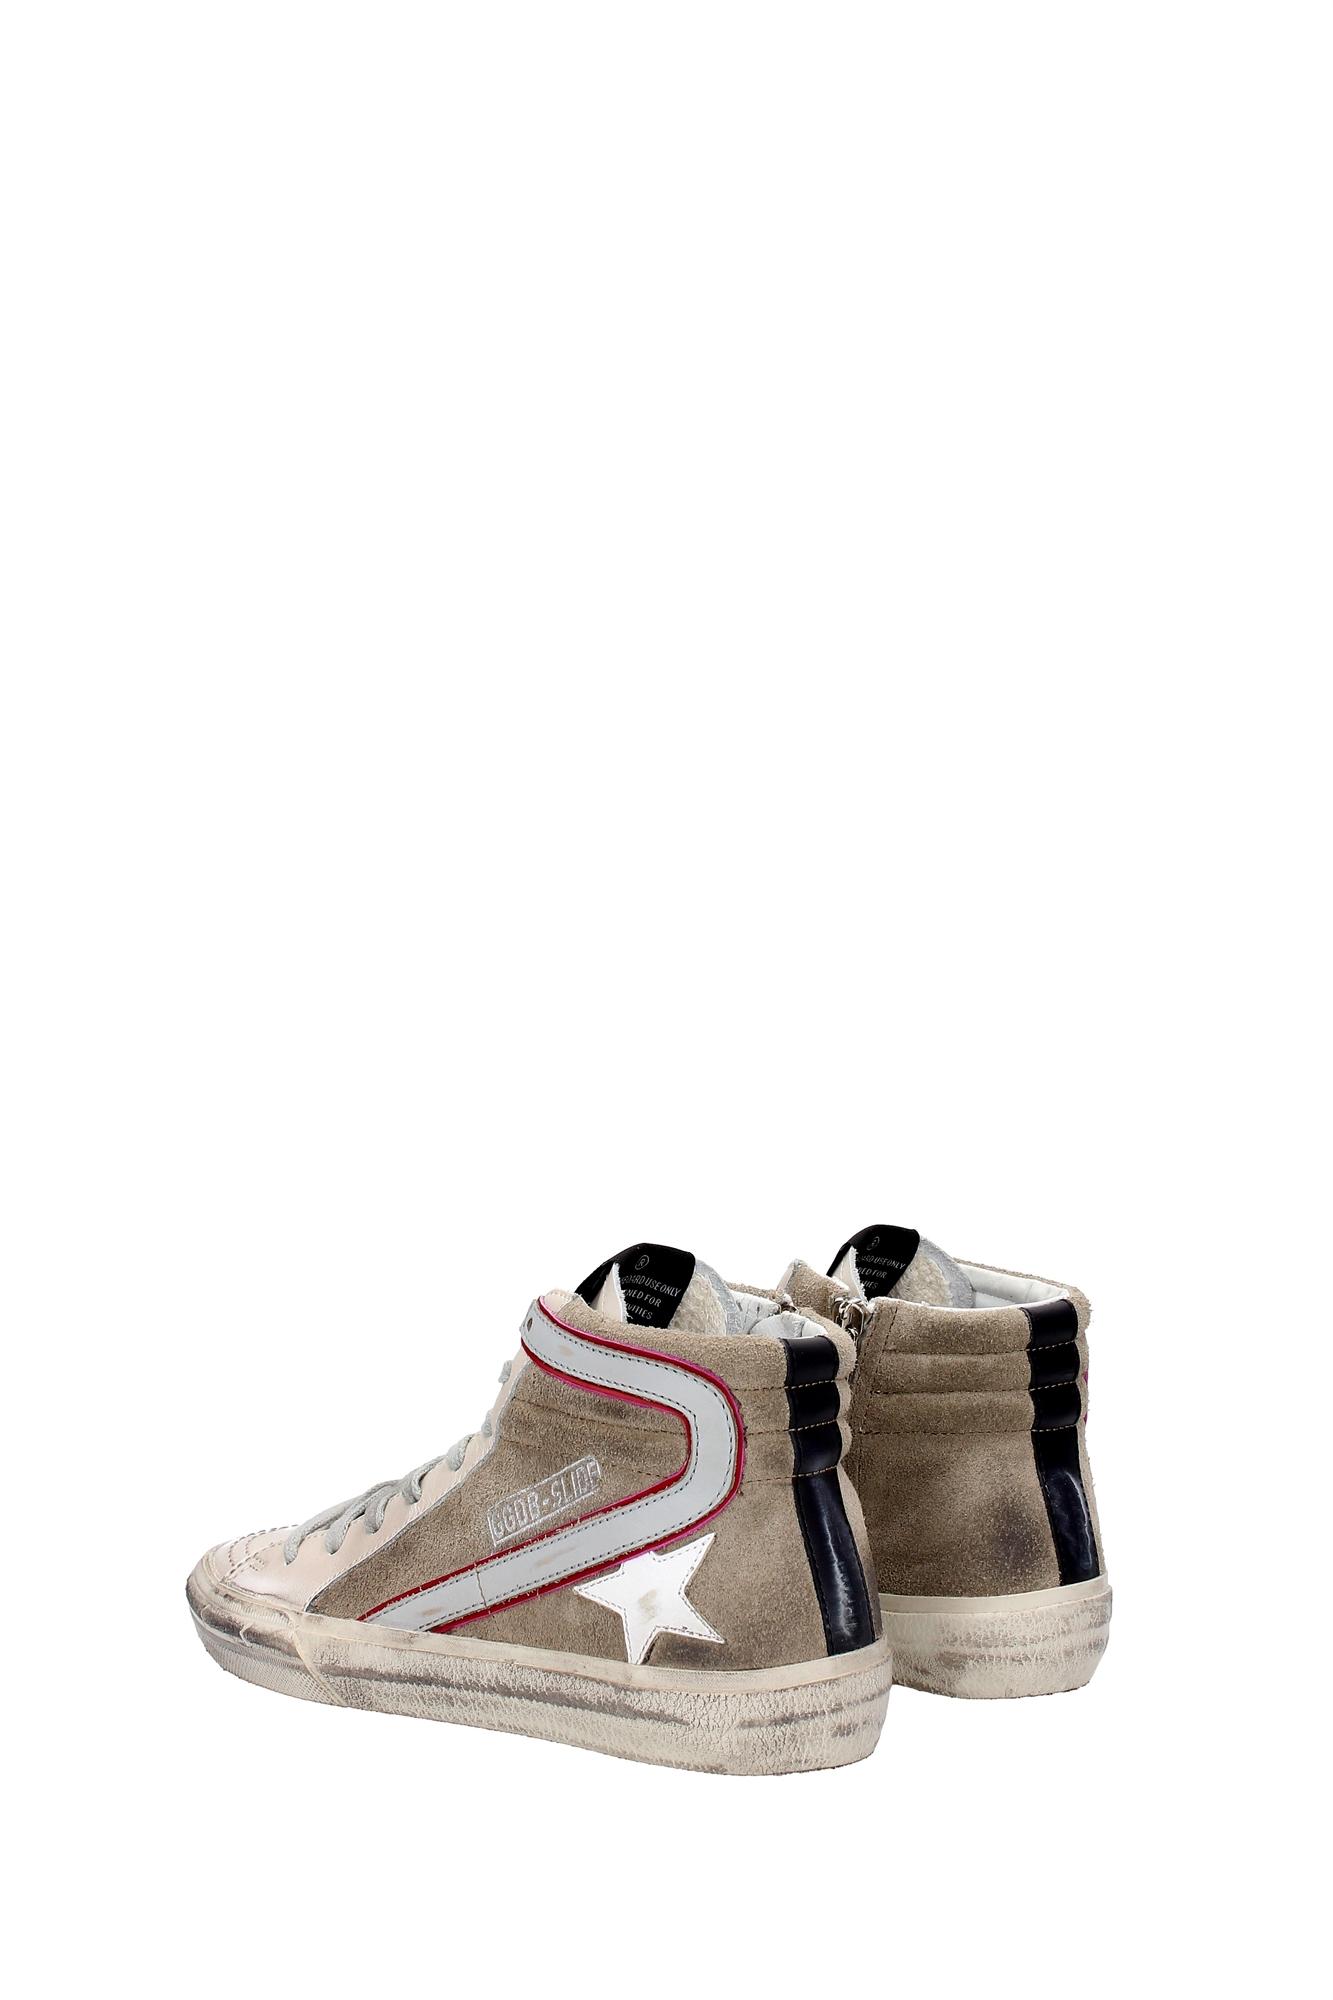 sneakers golden goose damen leder wei g27d124m7 ebay. Black Bedroom Furniture Sets. Home Design Ideas